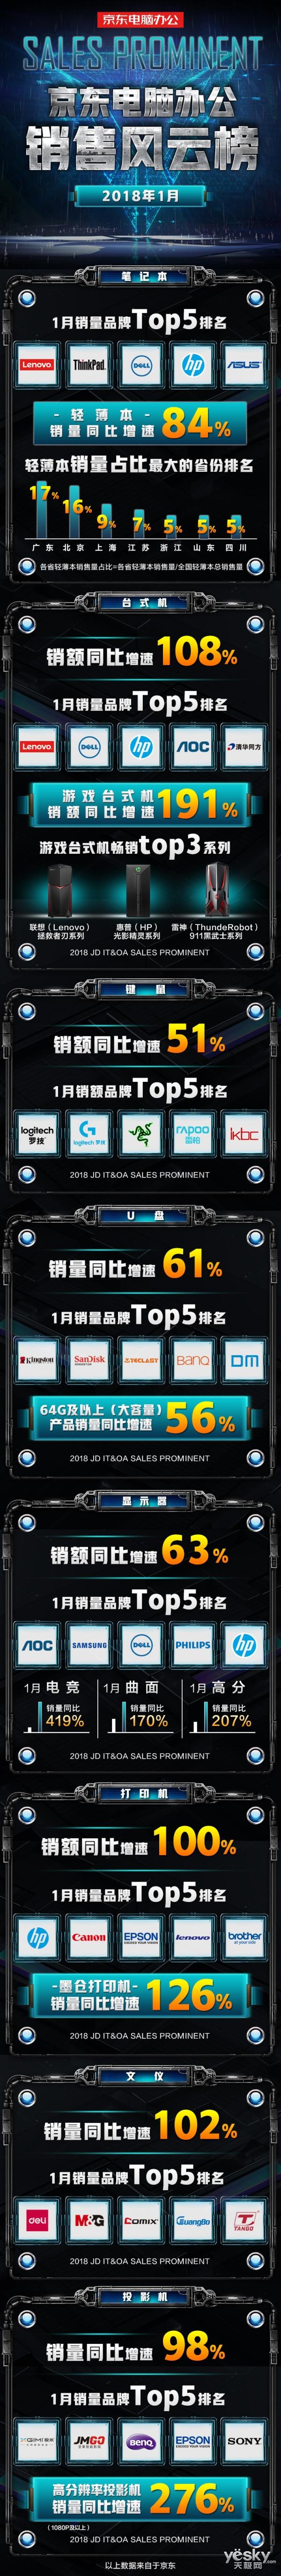 1月京东电脑办公风云榜:游戏台式机增速191%成中流砥柱